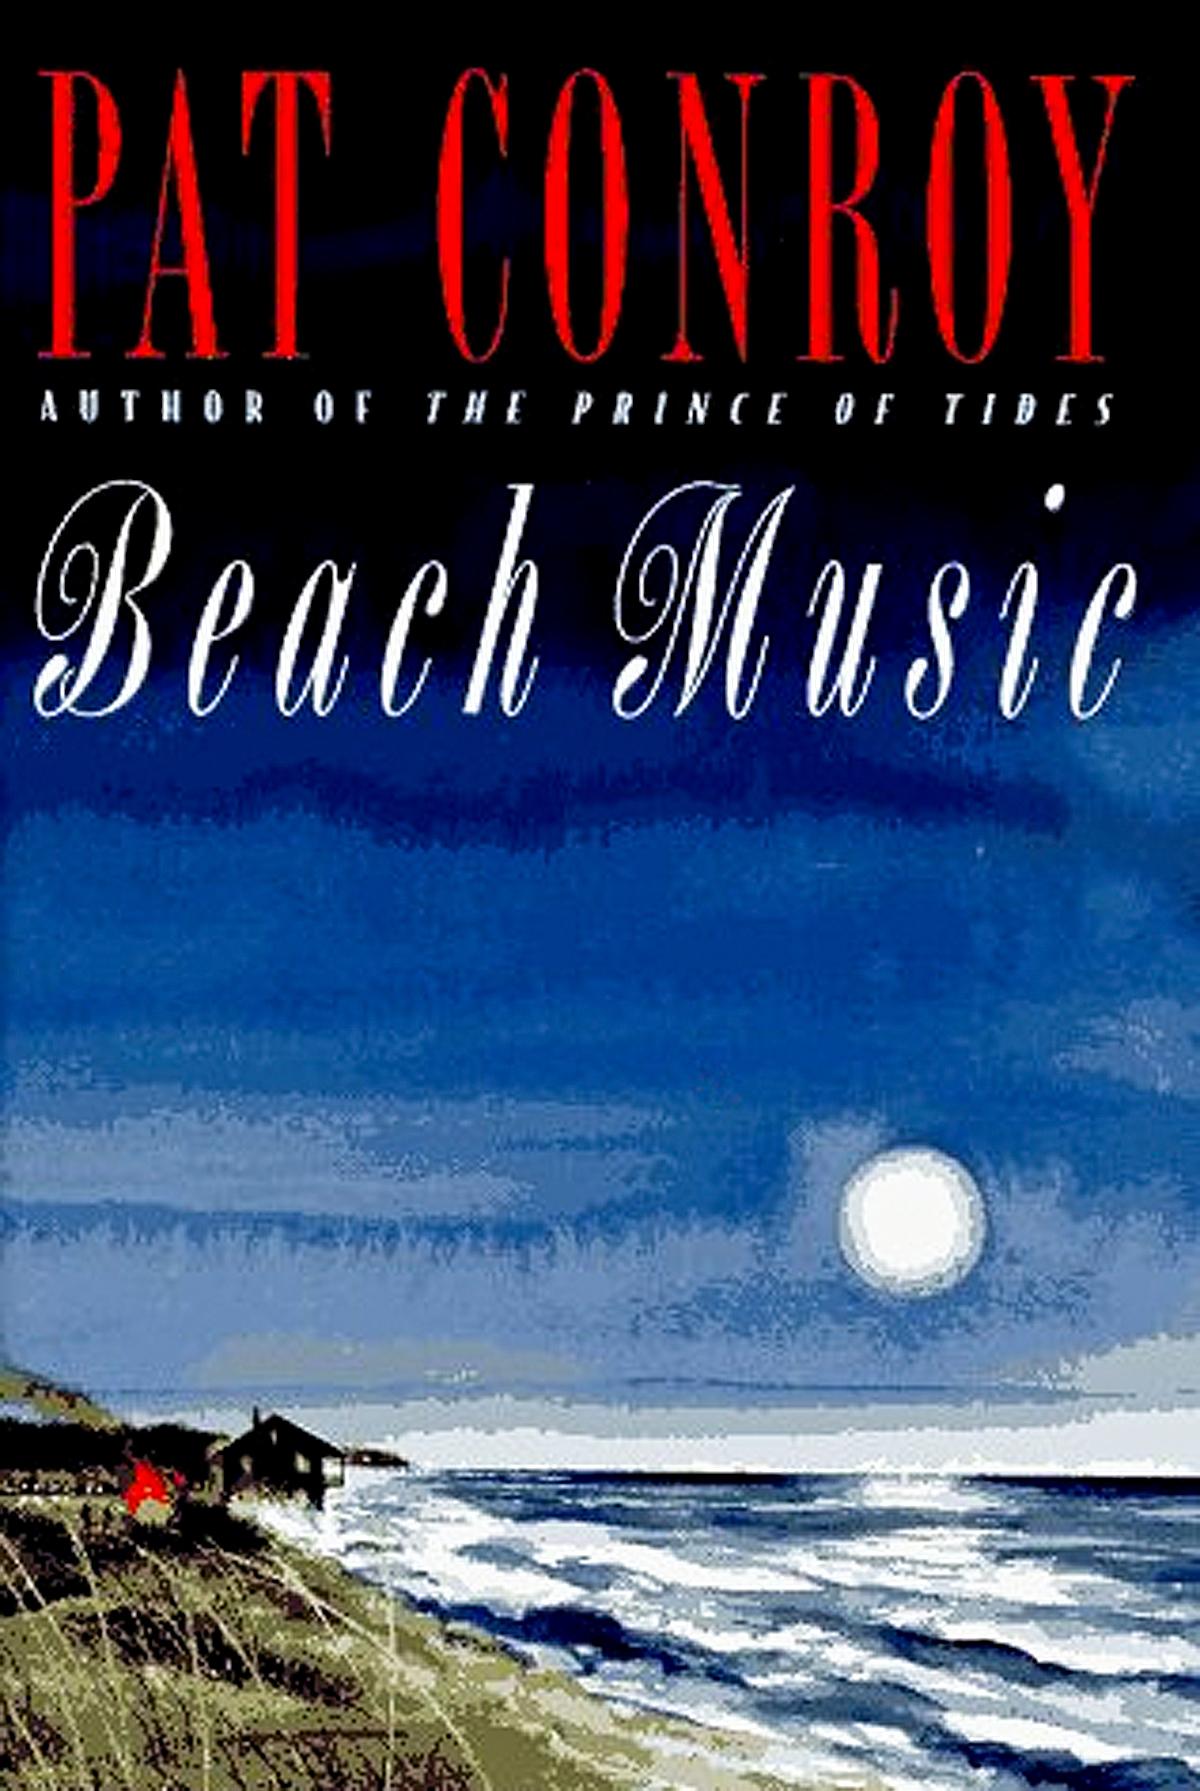 PatConroy_BeachMusic